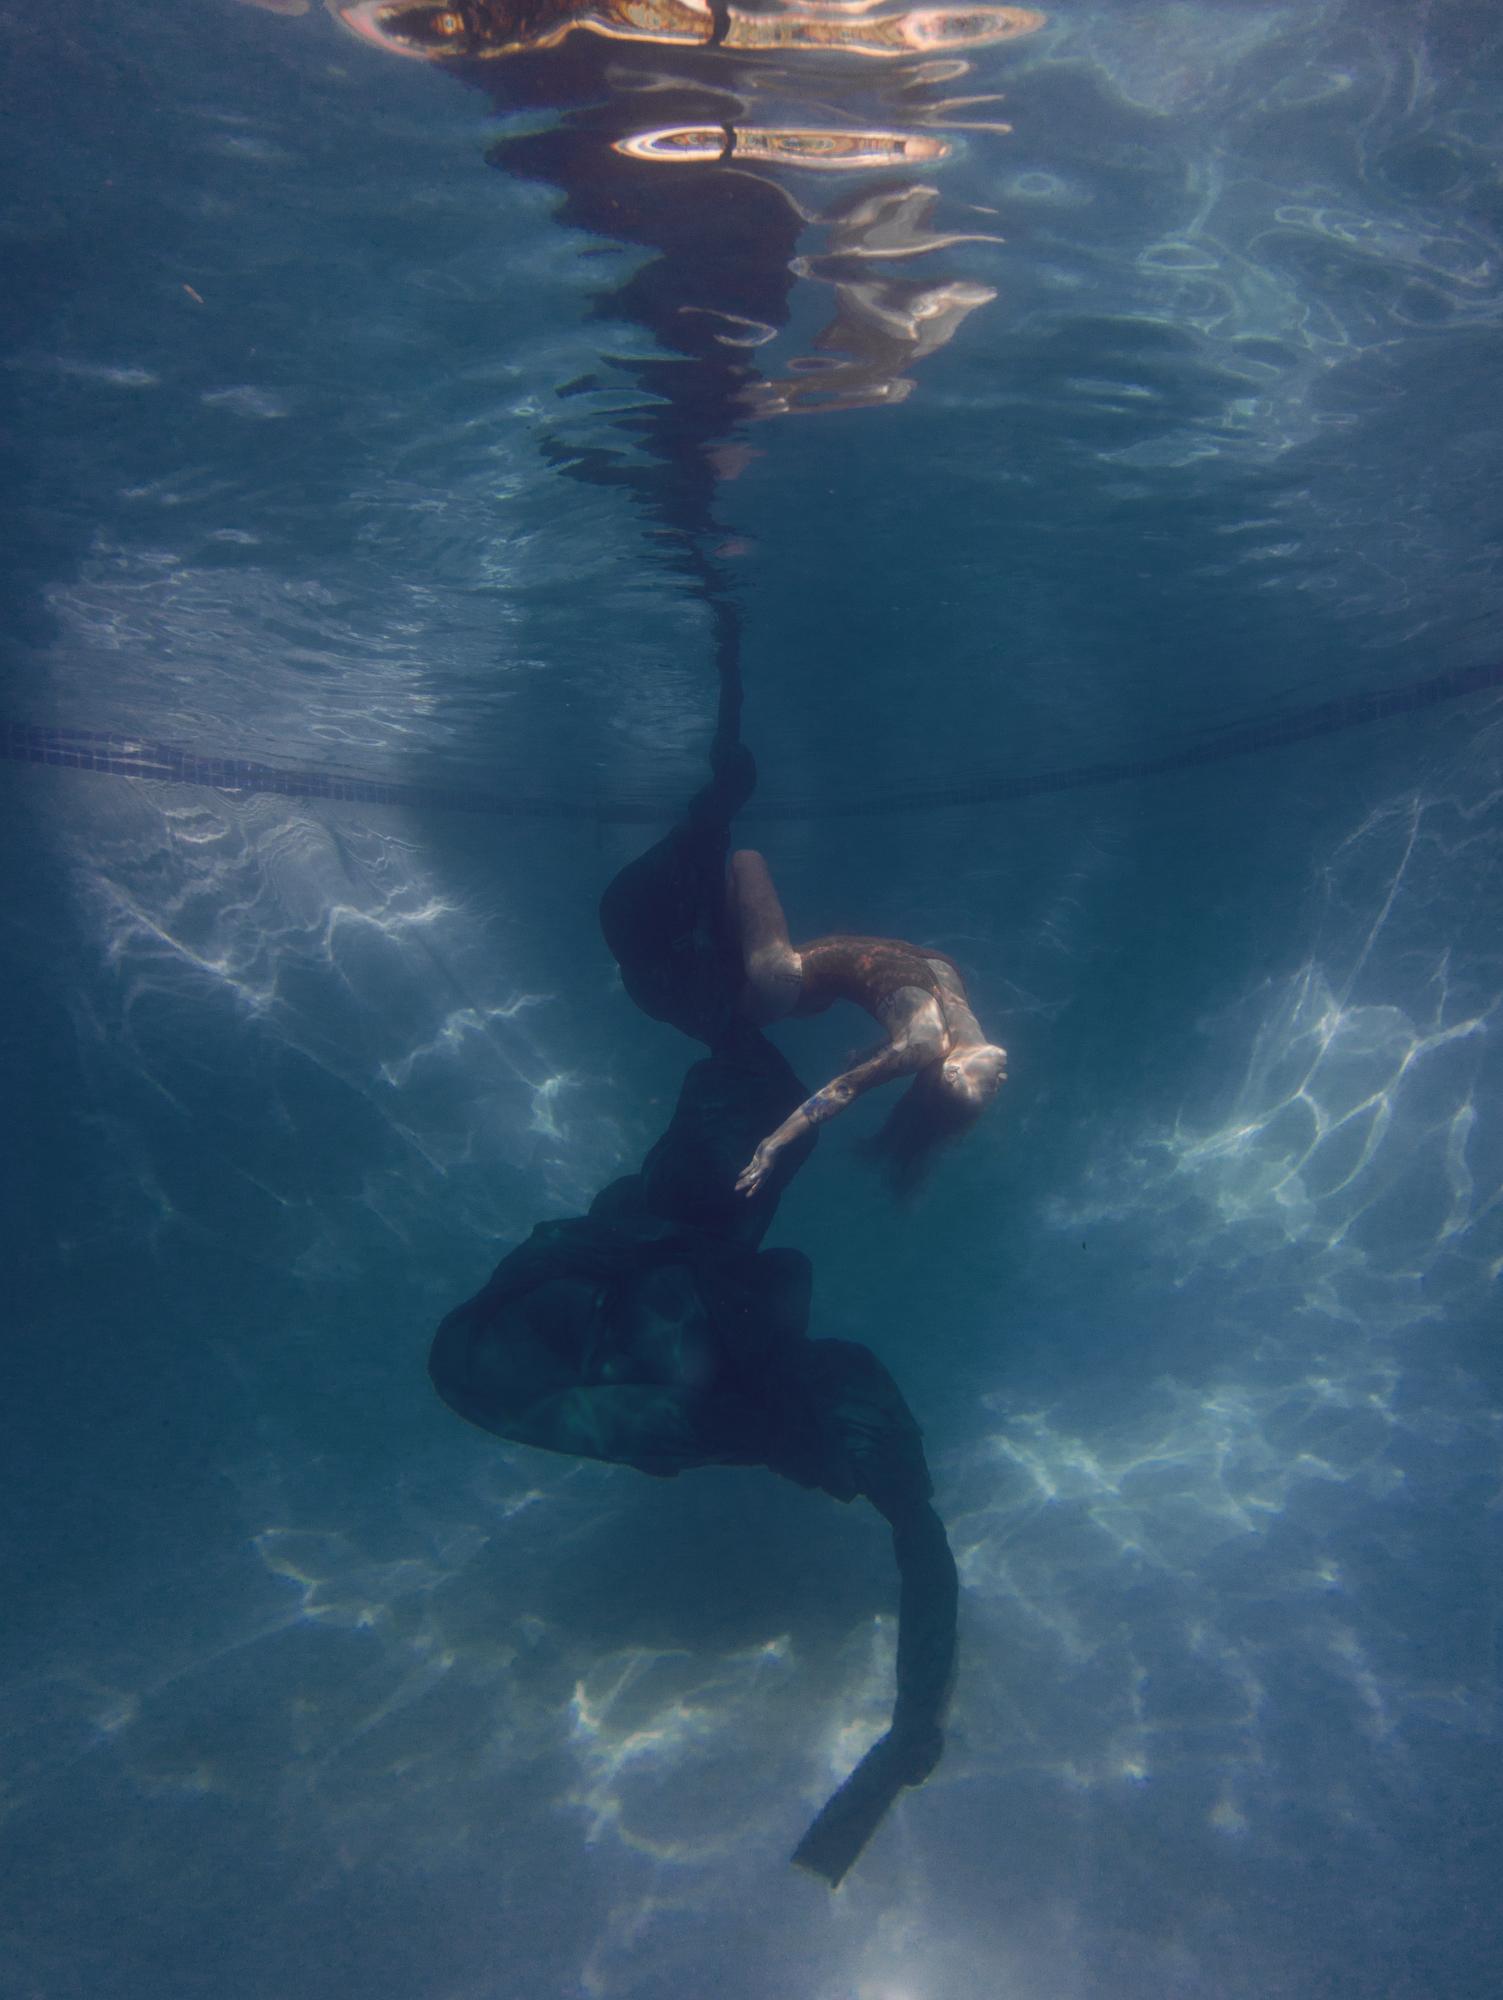 Dana underwater silks13658.JPG